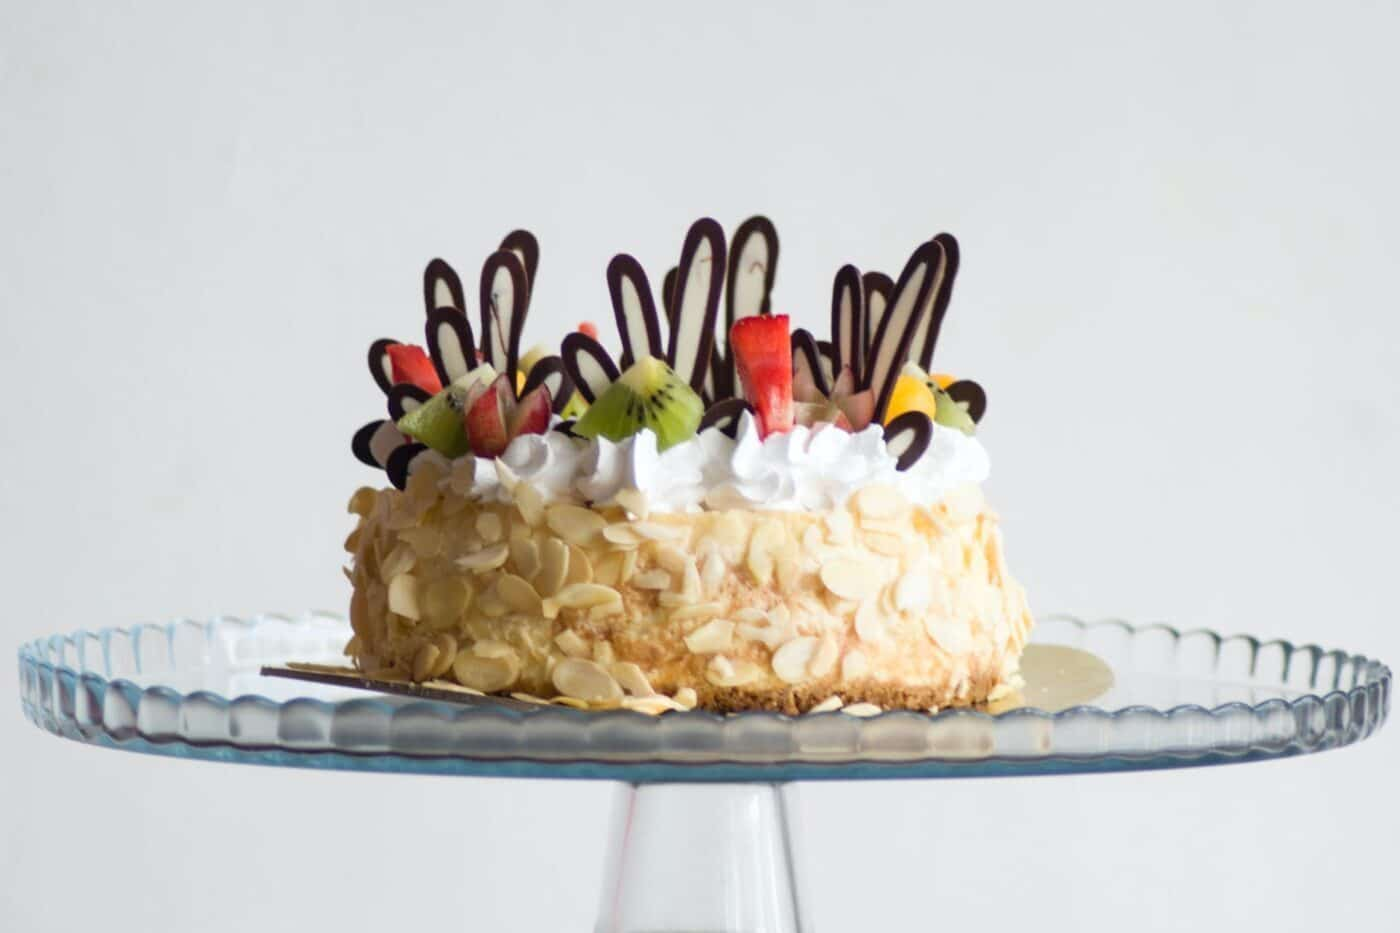 Bánh kem đặc trưng ngày sinh nhật